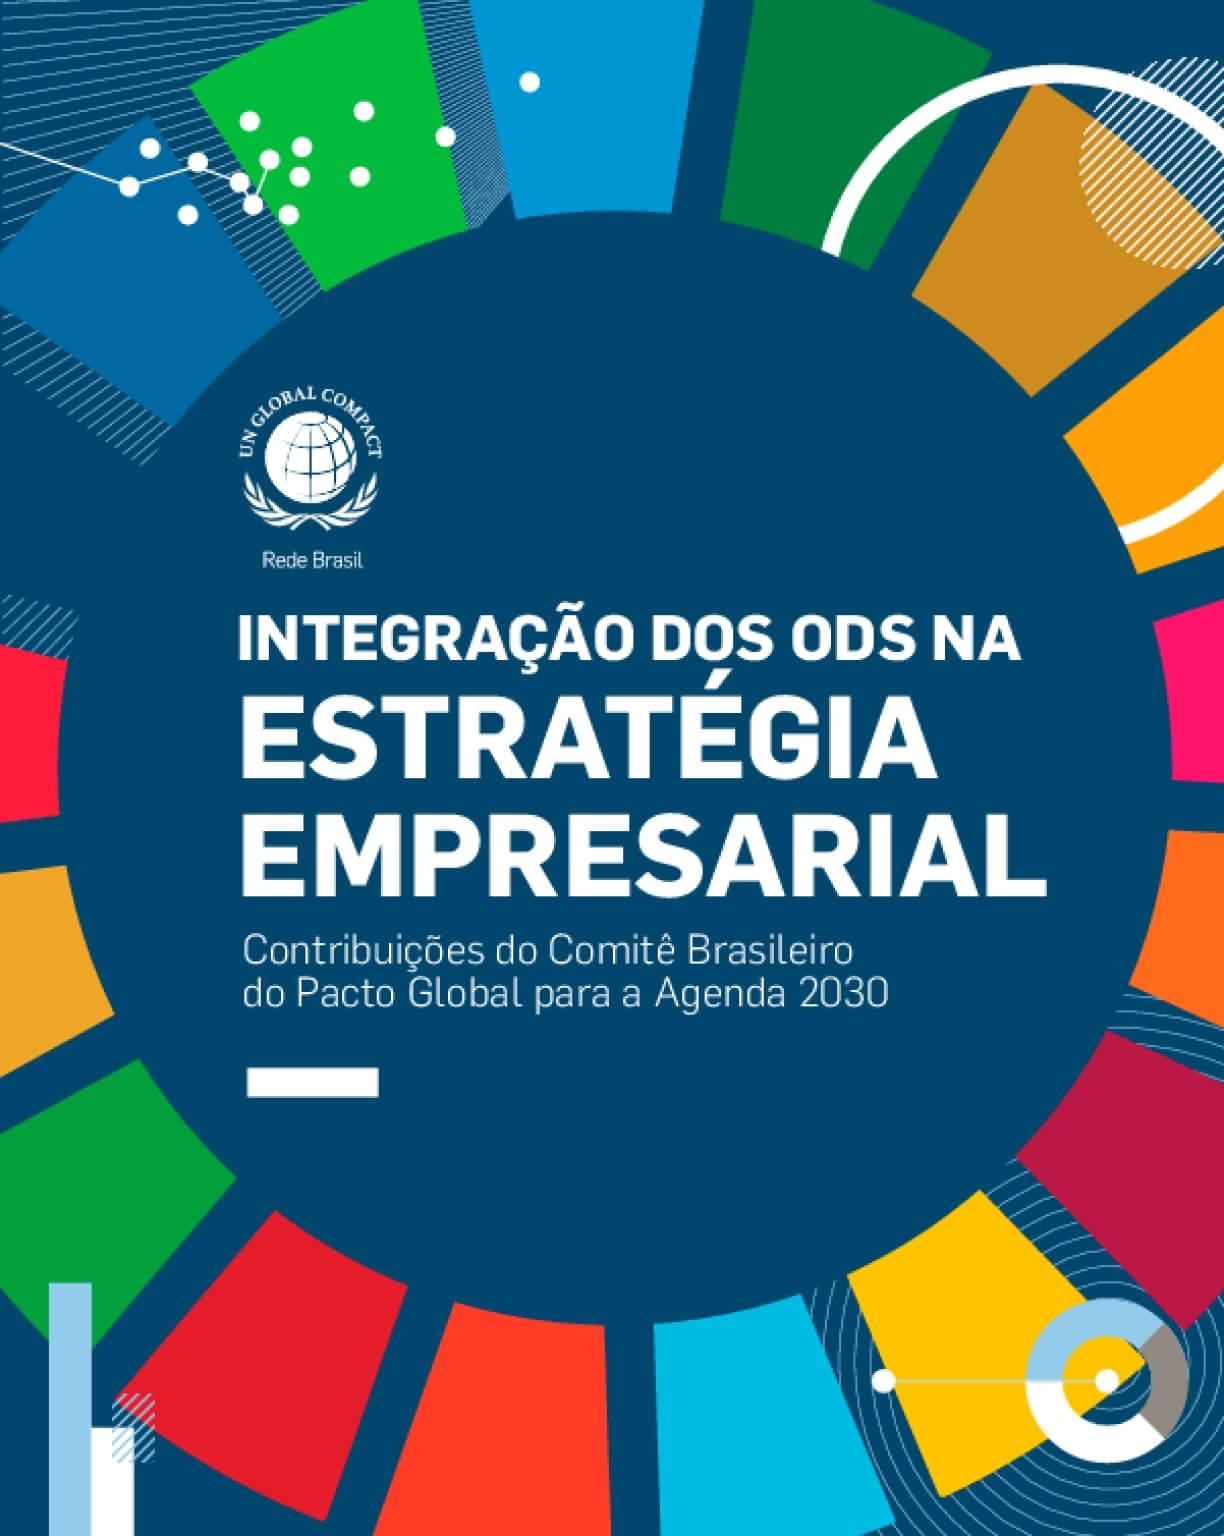 Integração dos ODS na  estratégia  empresarial  - Contribuições do Comitê Brasileiro do Pacto Global para a Agenda 2030